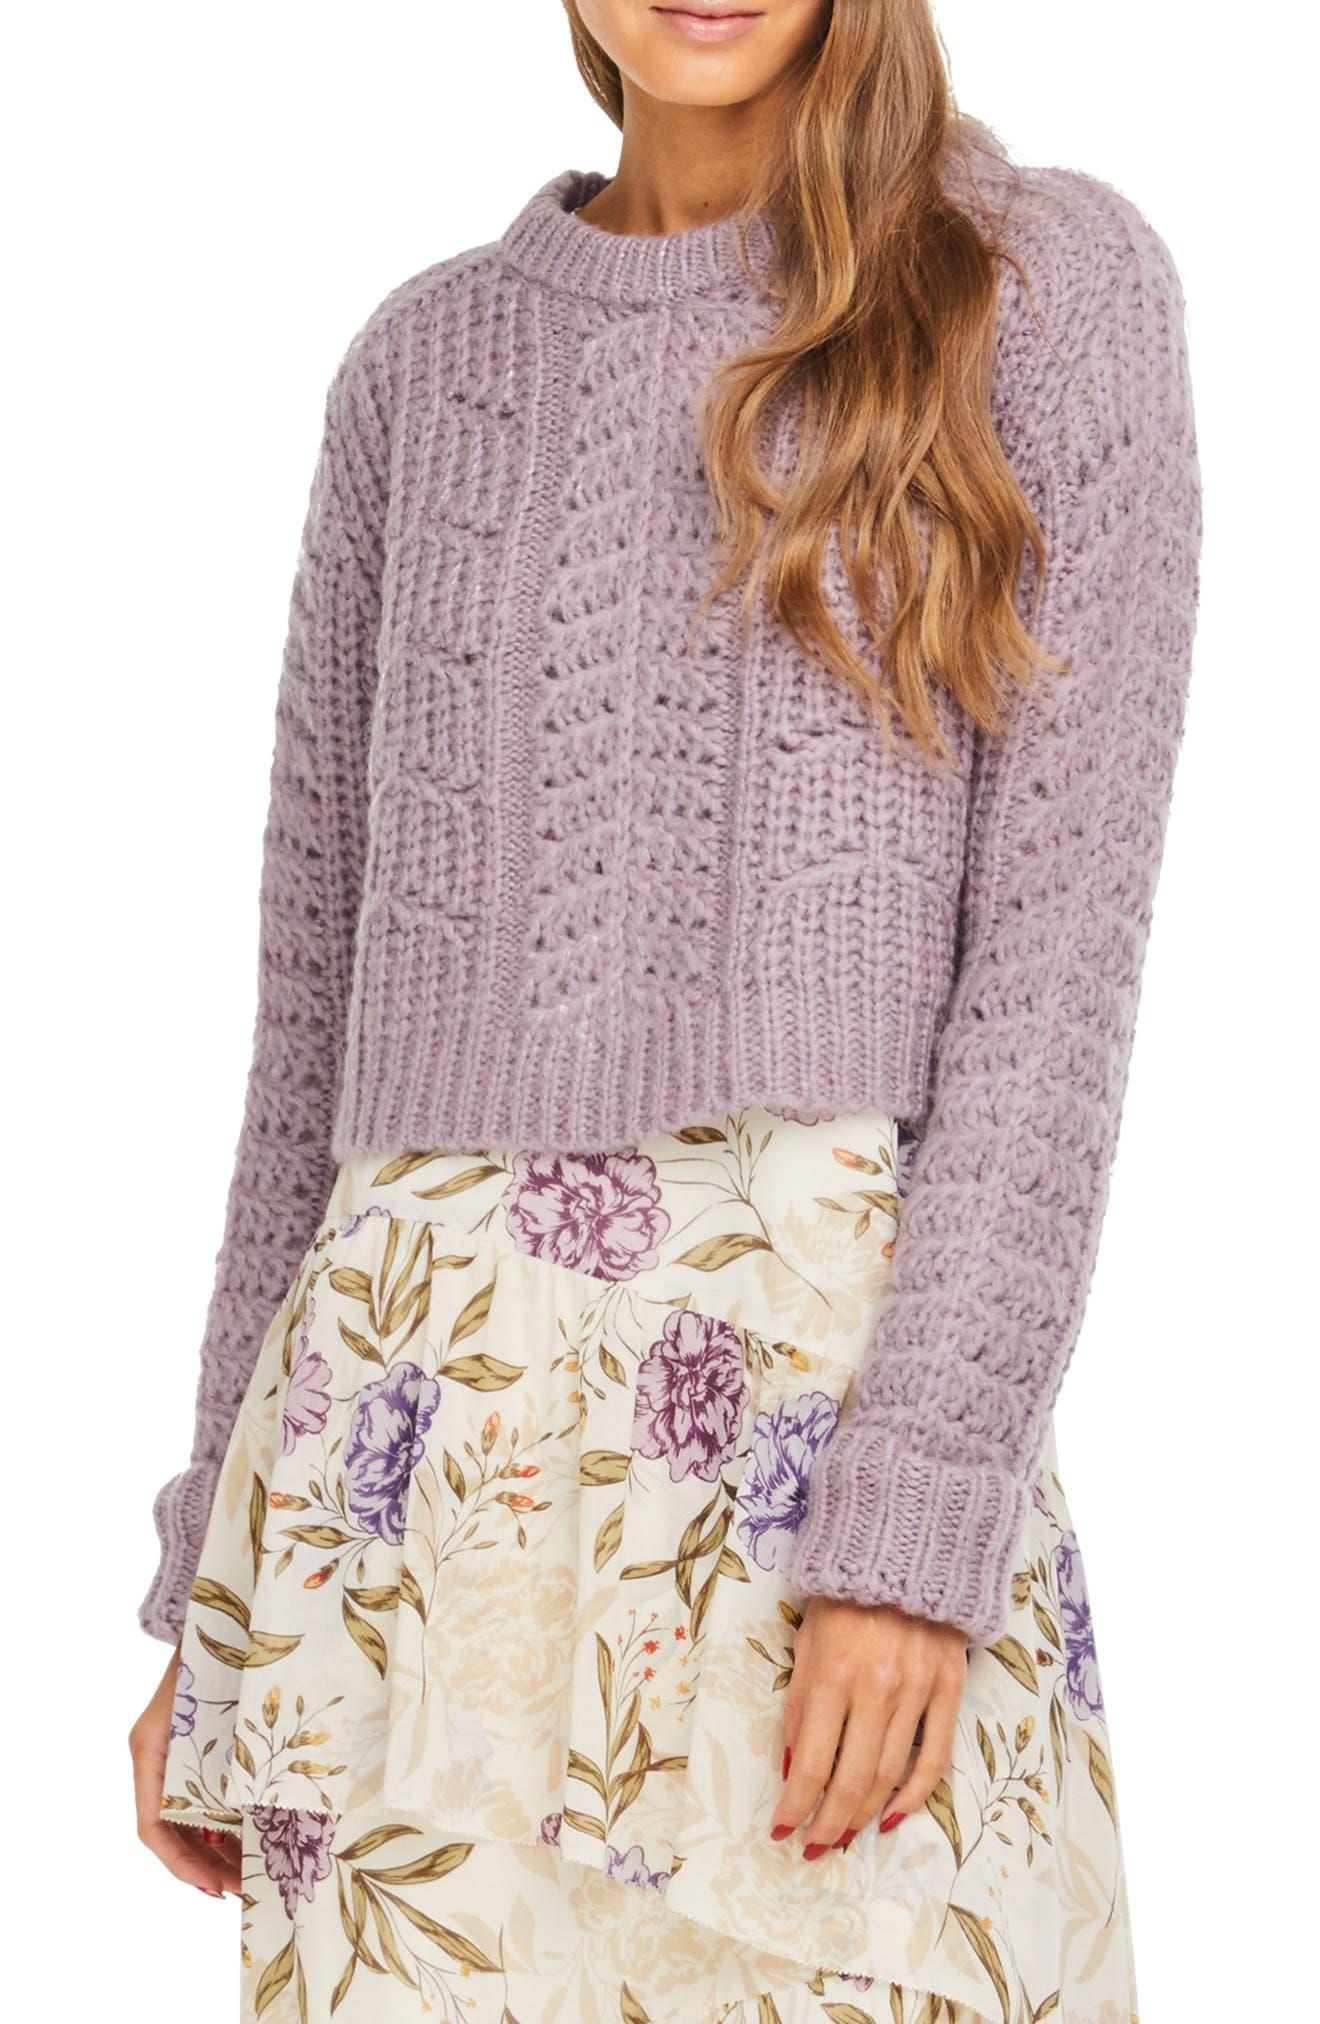 ASTR Georgia Sweater in Lilac